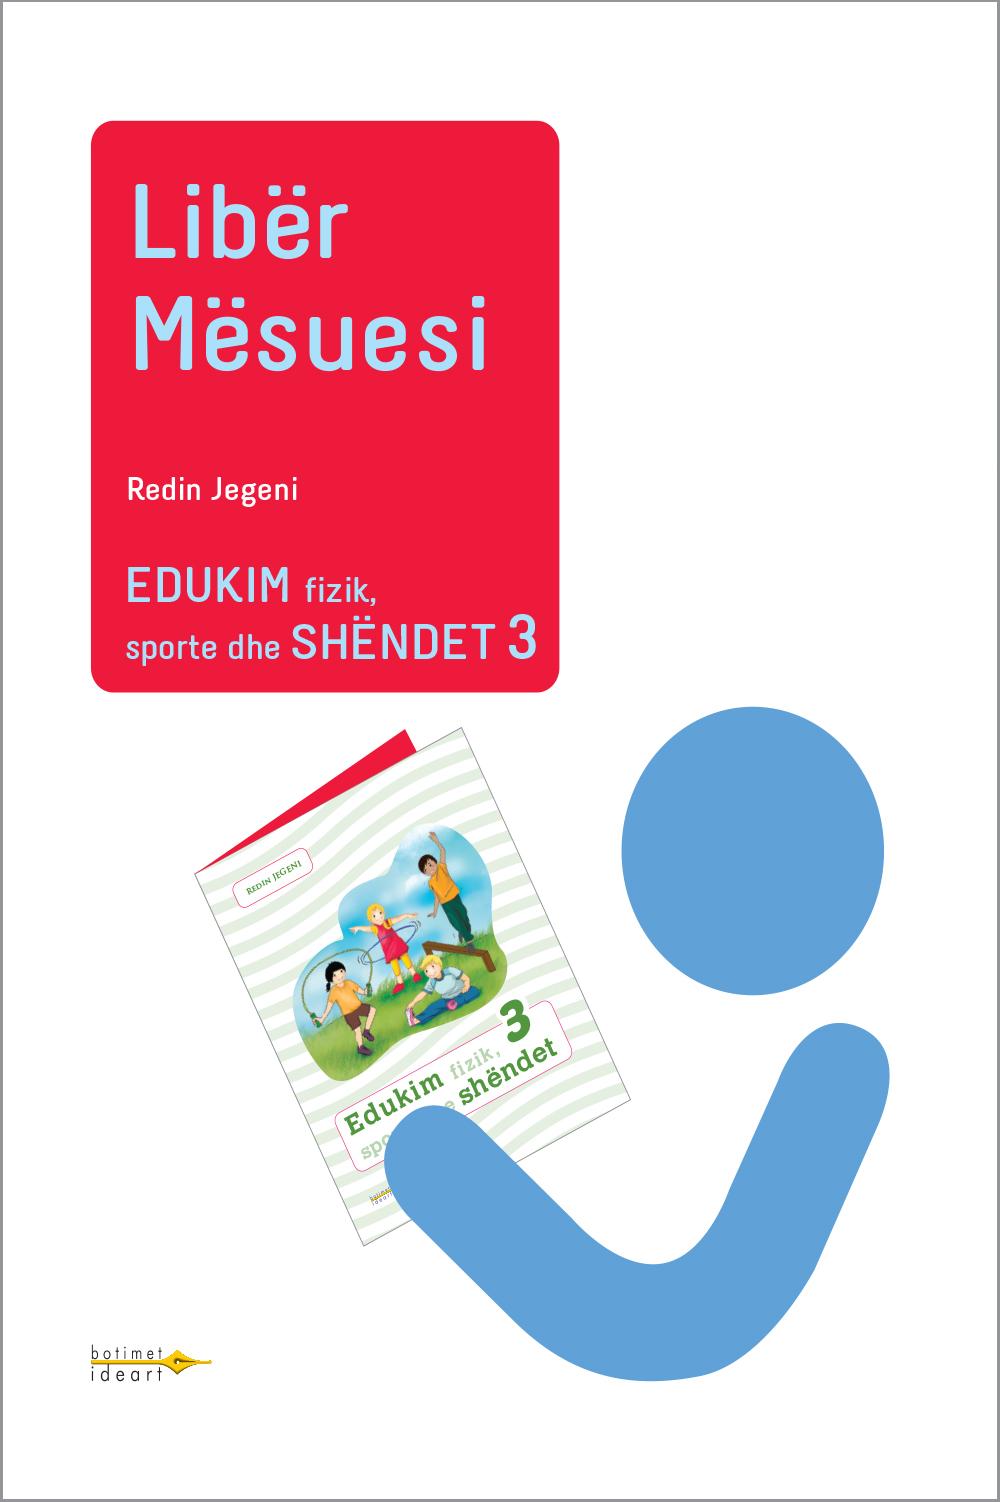 Edukim fizik, sporte dhe shëndet 3<br>Libër Mësuesi